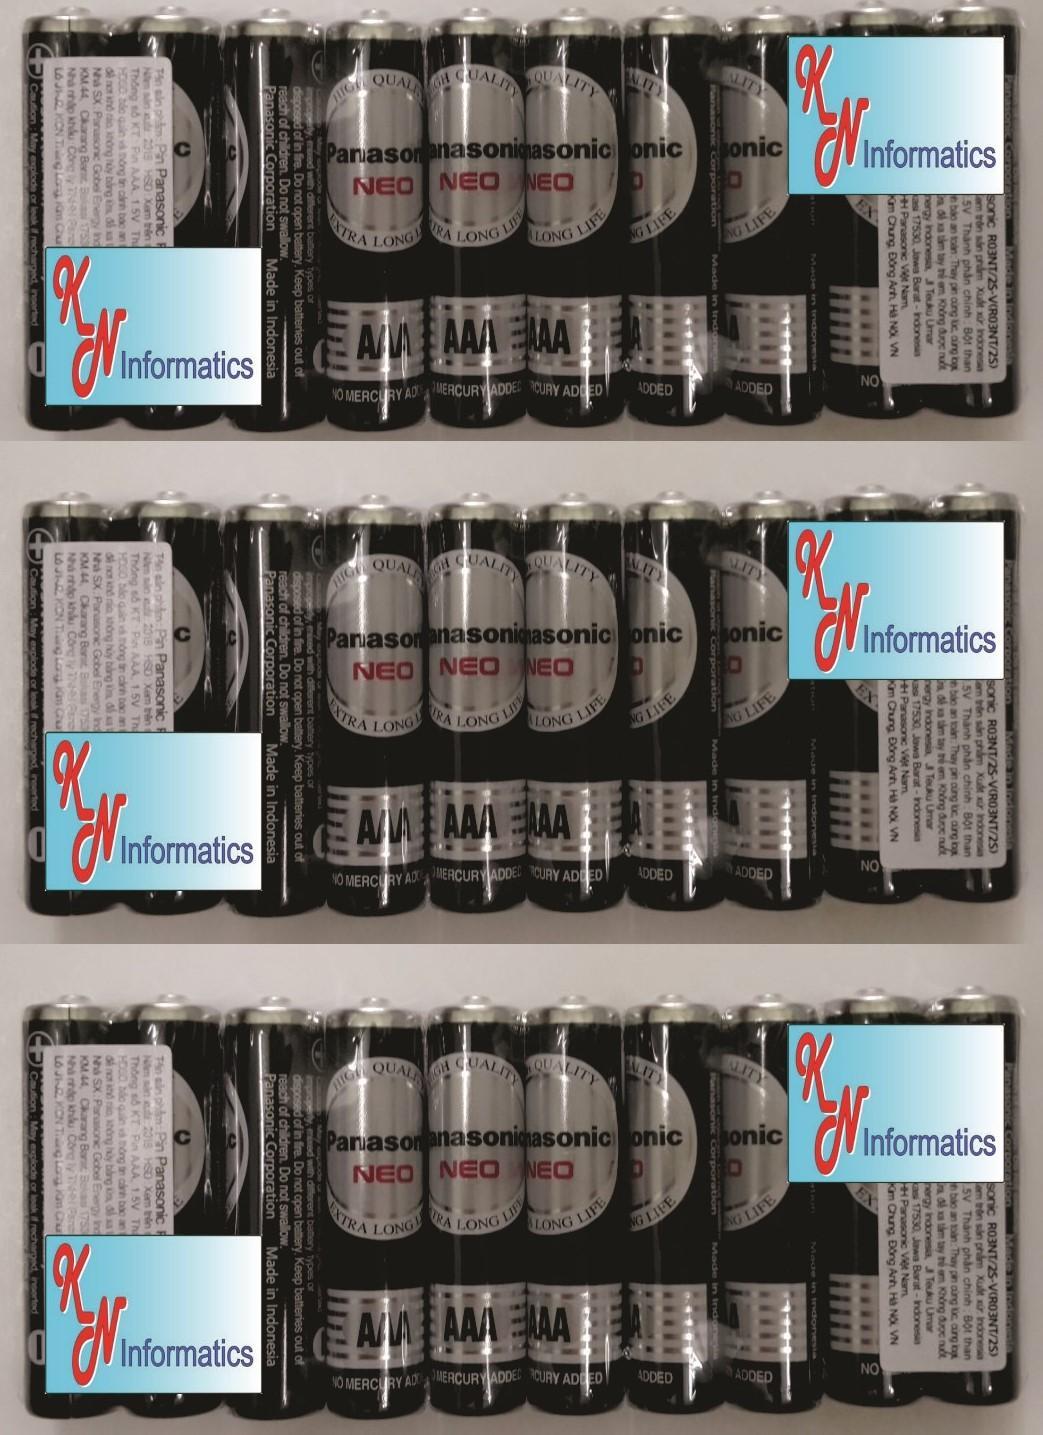 30 viên Pin AAA Panasonic - (15 vĩ) - Mã số: R03NT/2S - Made in Indonesia